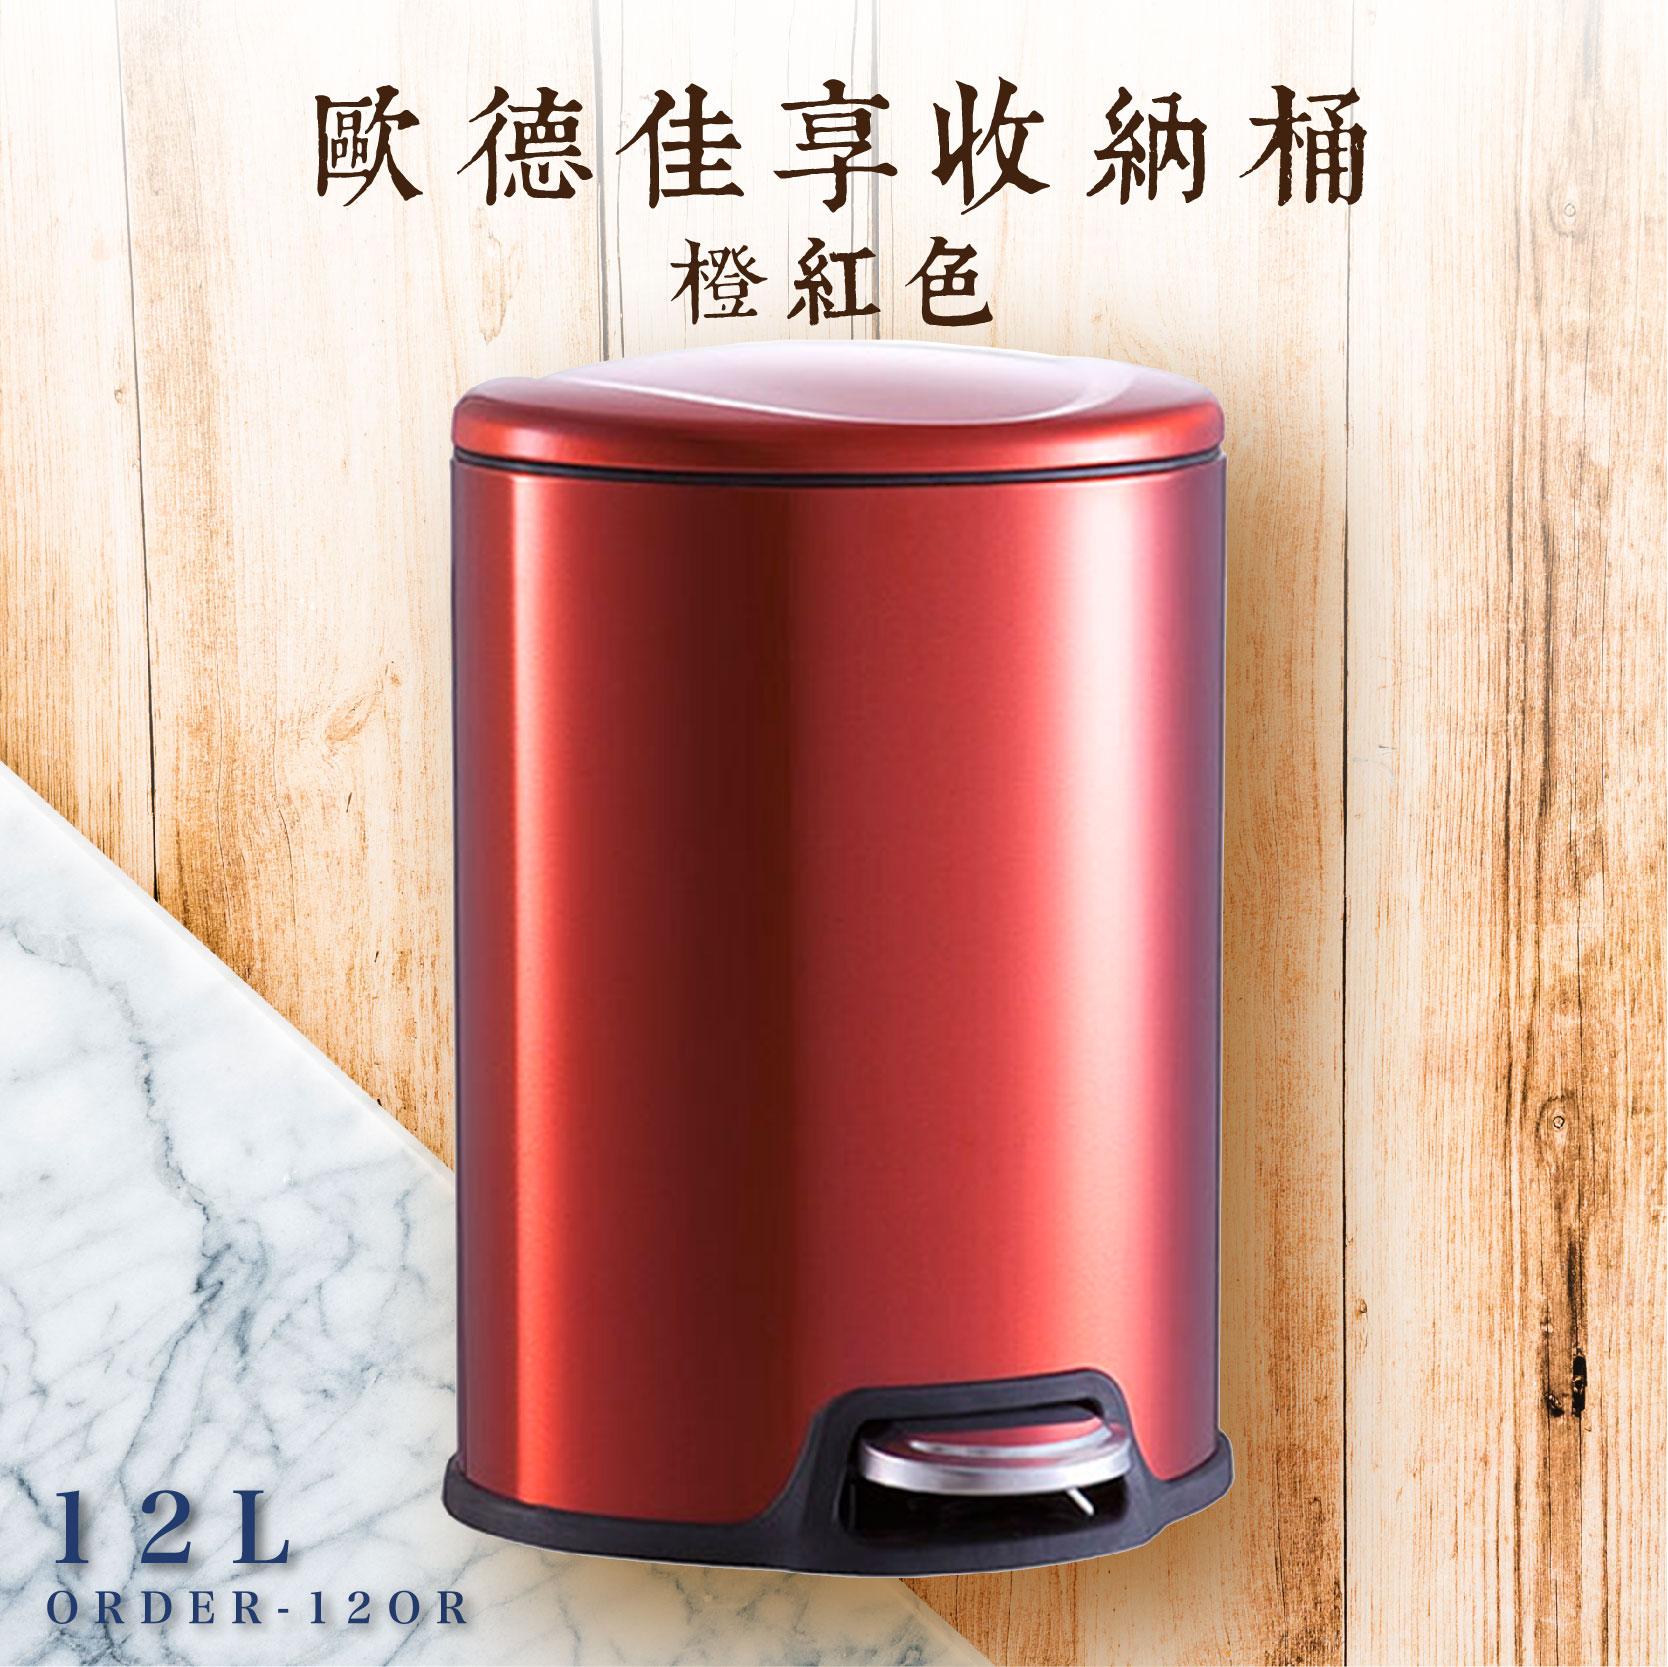 優百納佳享收納桶 12L 橙紅色 ORDER-12OR 腳踏式垃圾桶 垃圾桶 時尚品味 生活質感